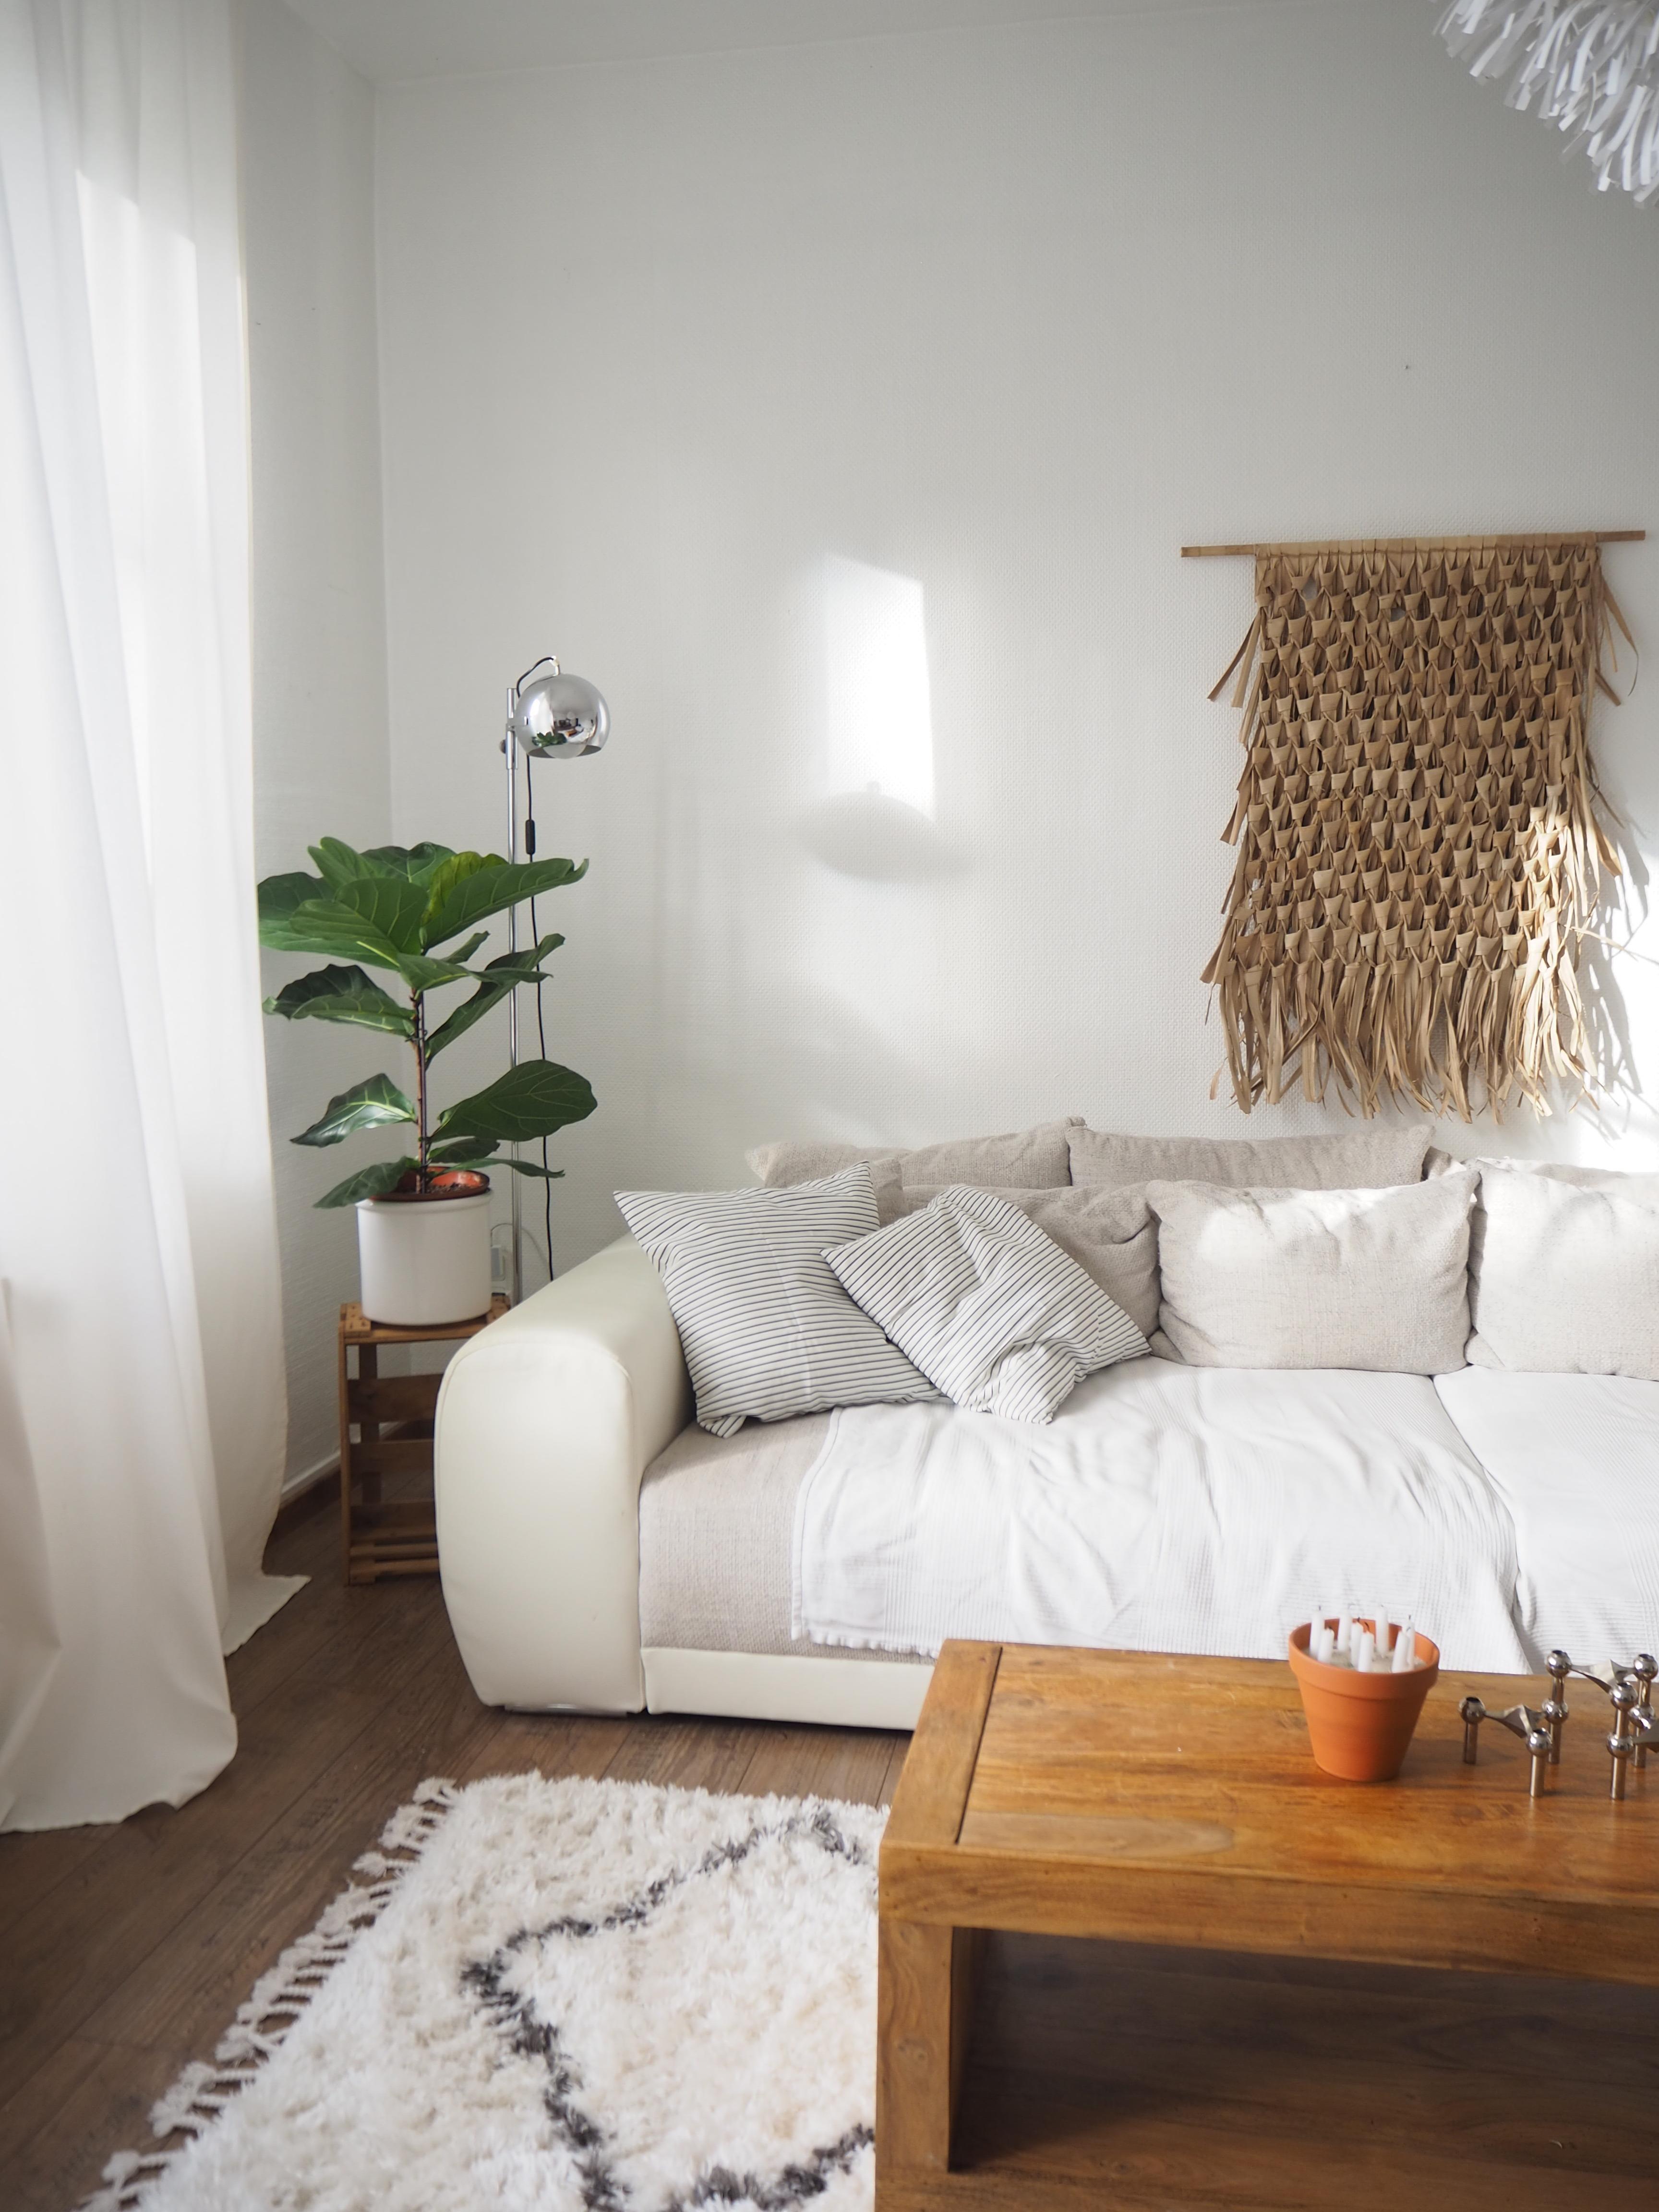 Wohnzimmer Einrichtung Boho - Caseconrad.com